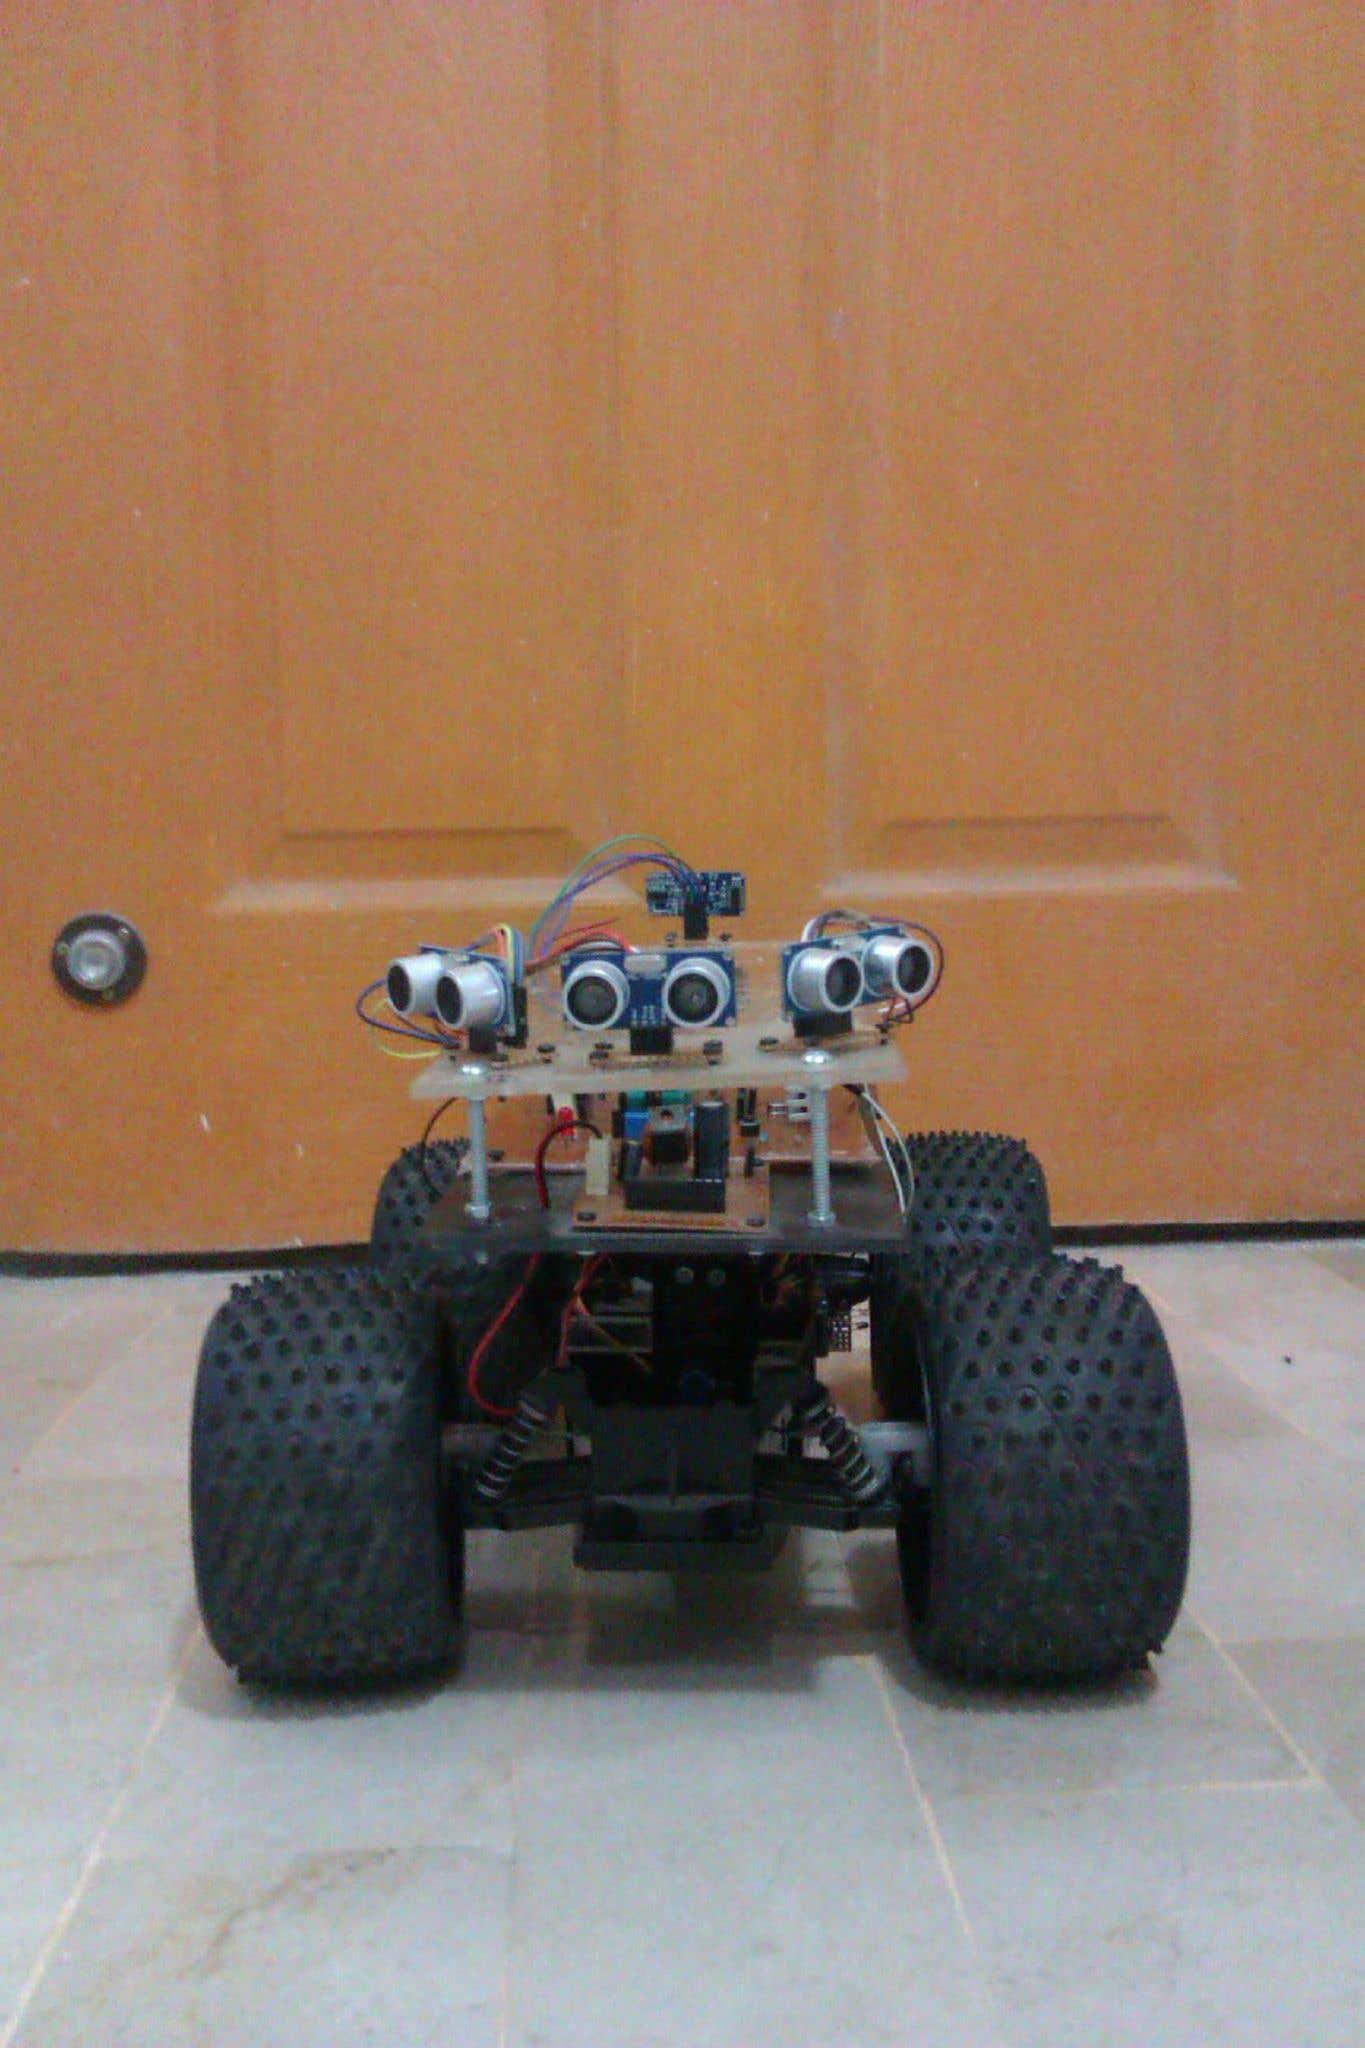 Autonomous Surveillance Vehicle